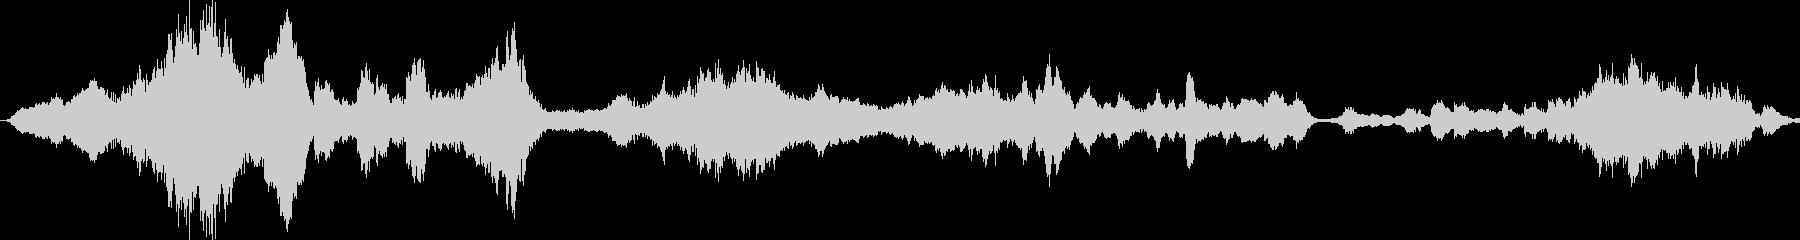 不気味なエピック系BGMの未再生の波形